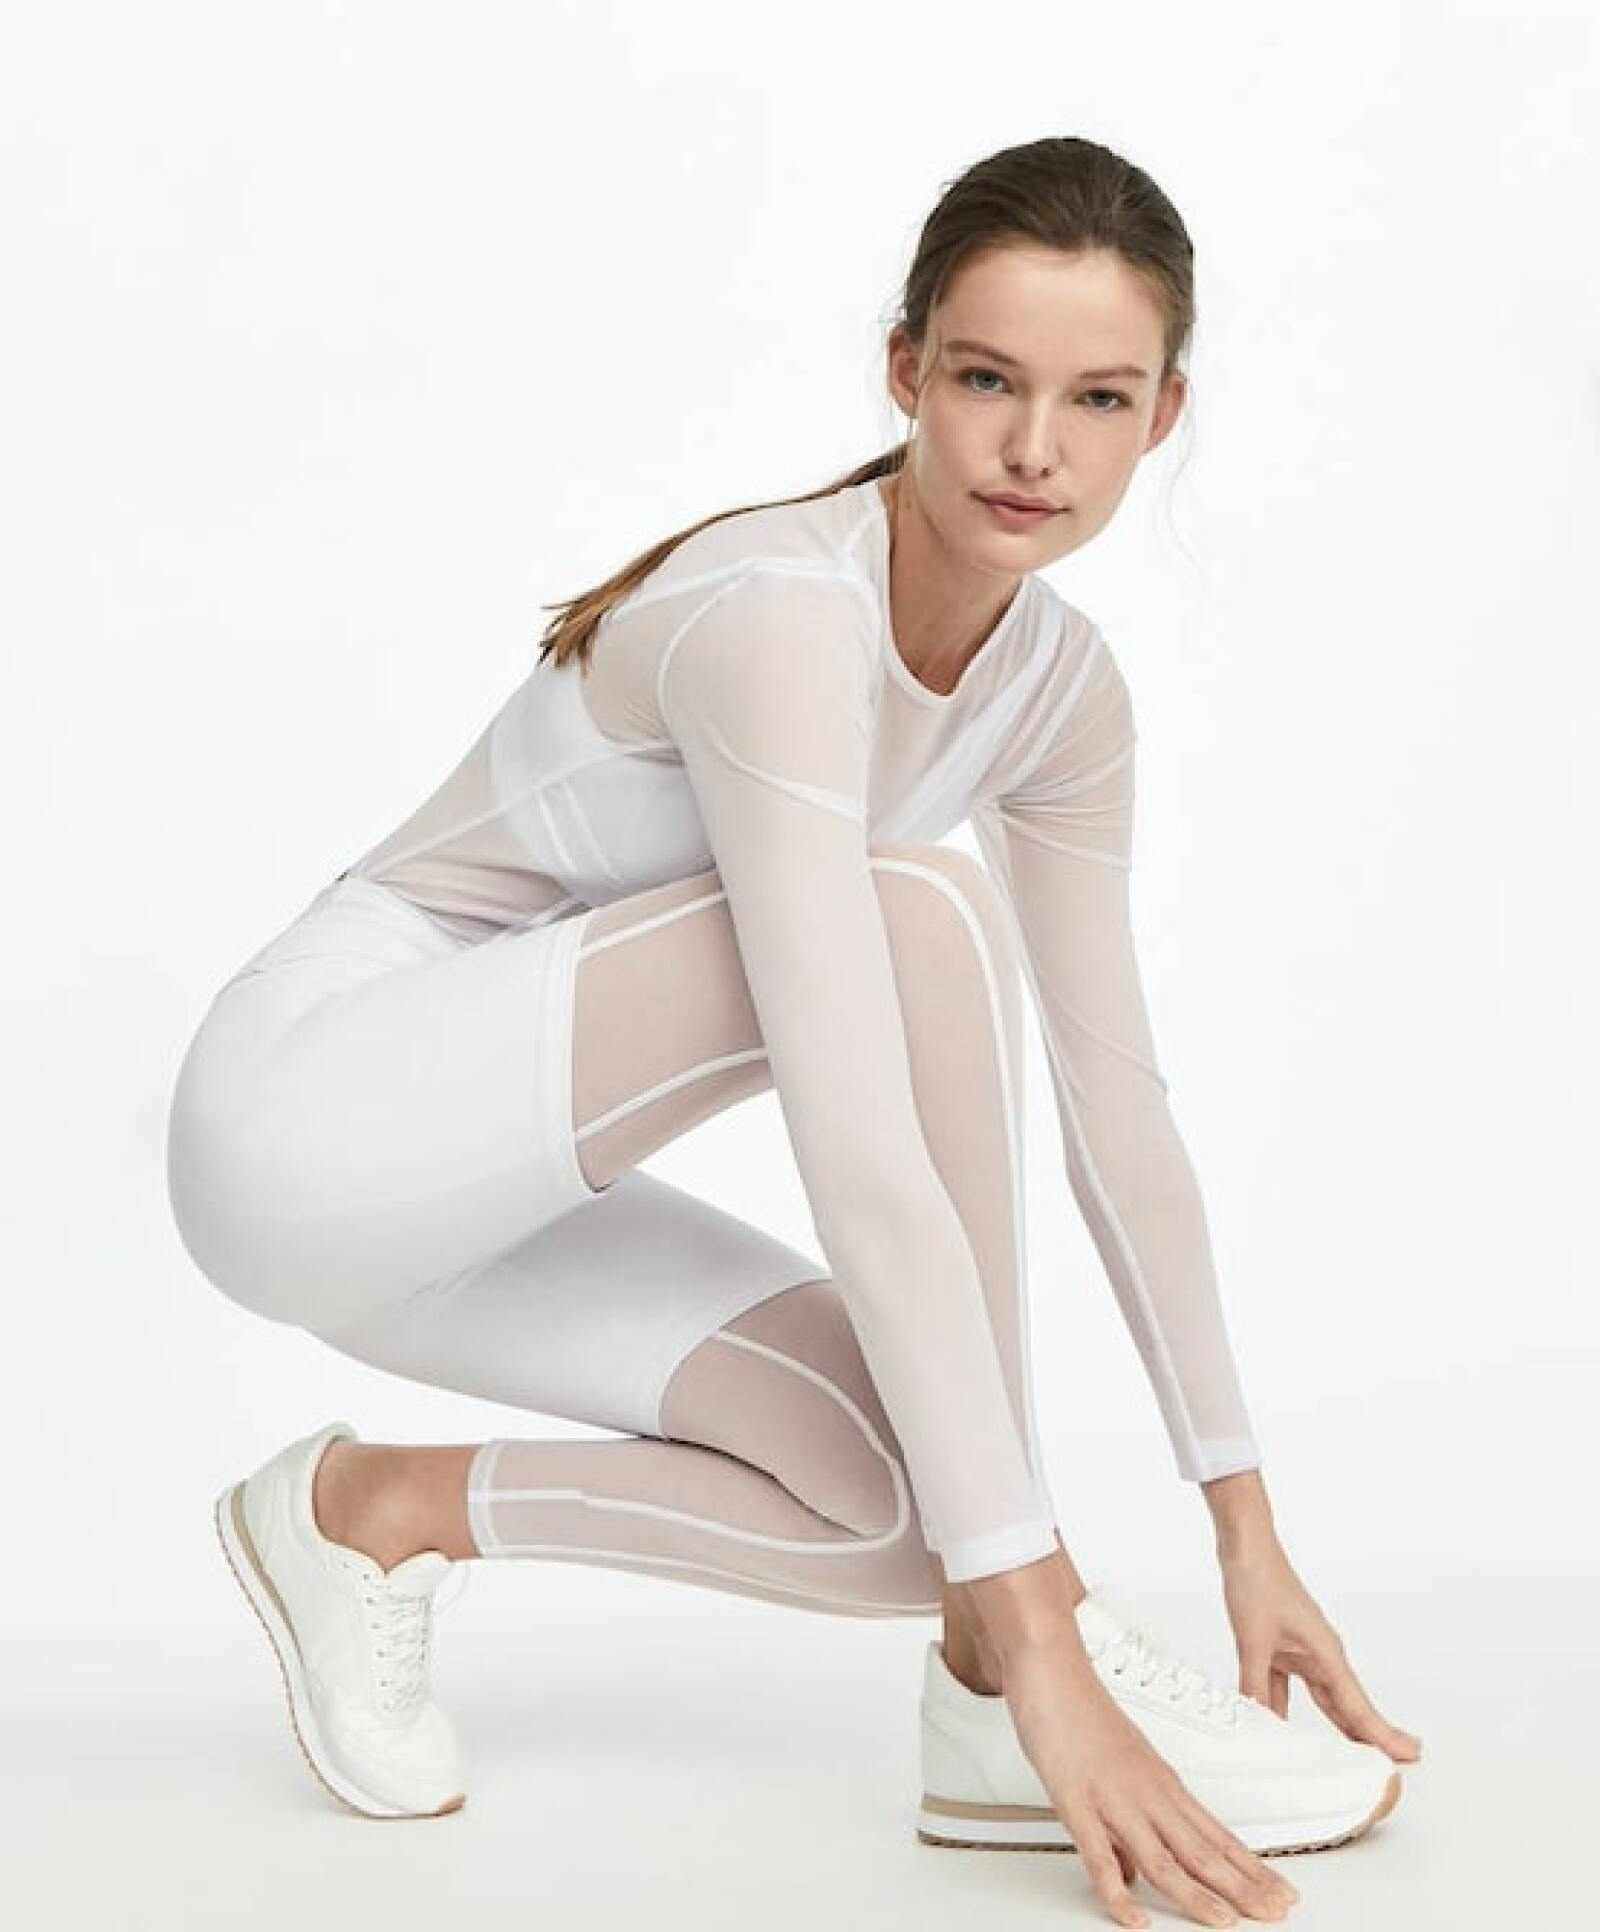 Si eres de las que te gusta verte estilizada al hacer tus rutinas, este look todo de tul es para ti, además sólo lo obtienes online . ¡A dónde doy click! Oysho.com / top: $499, leggins: $499